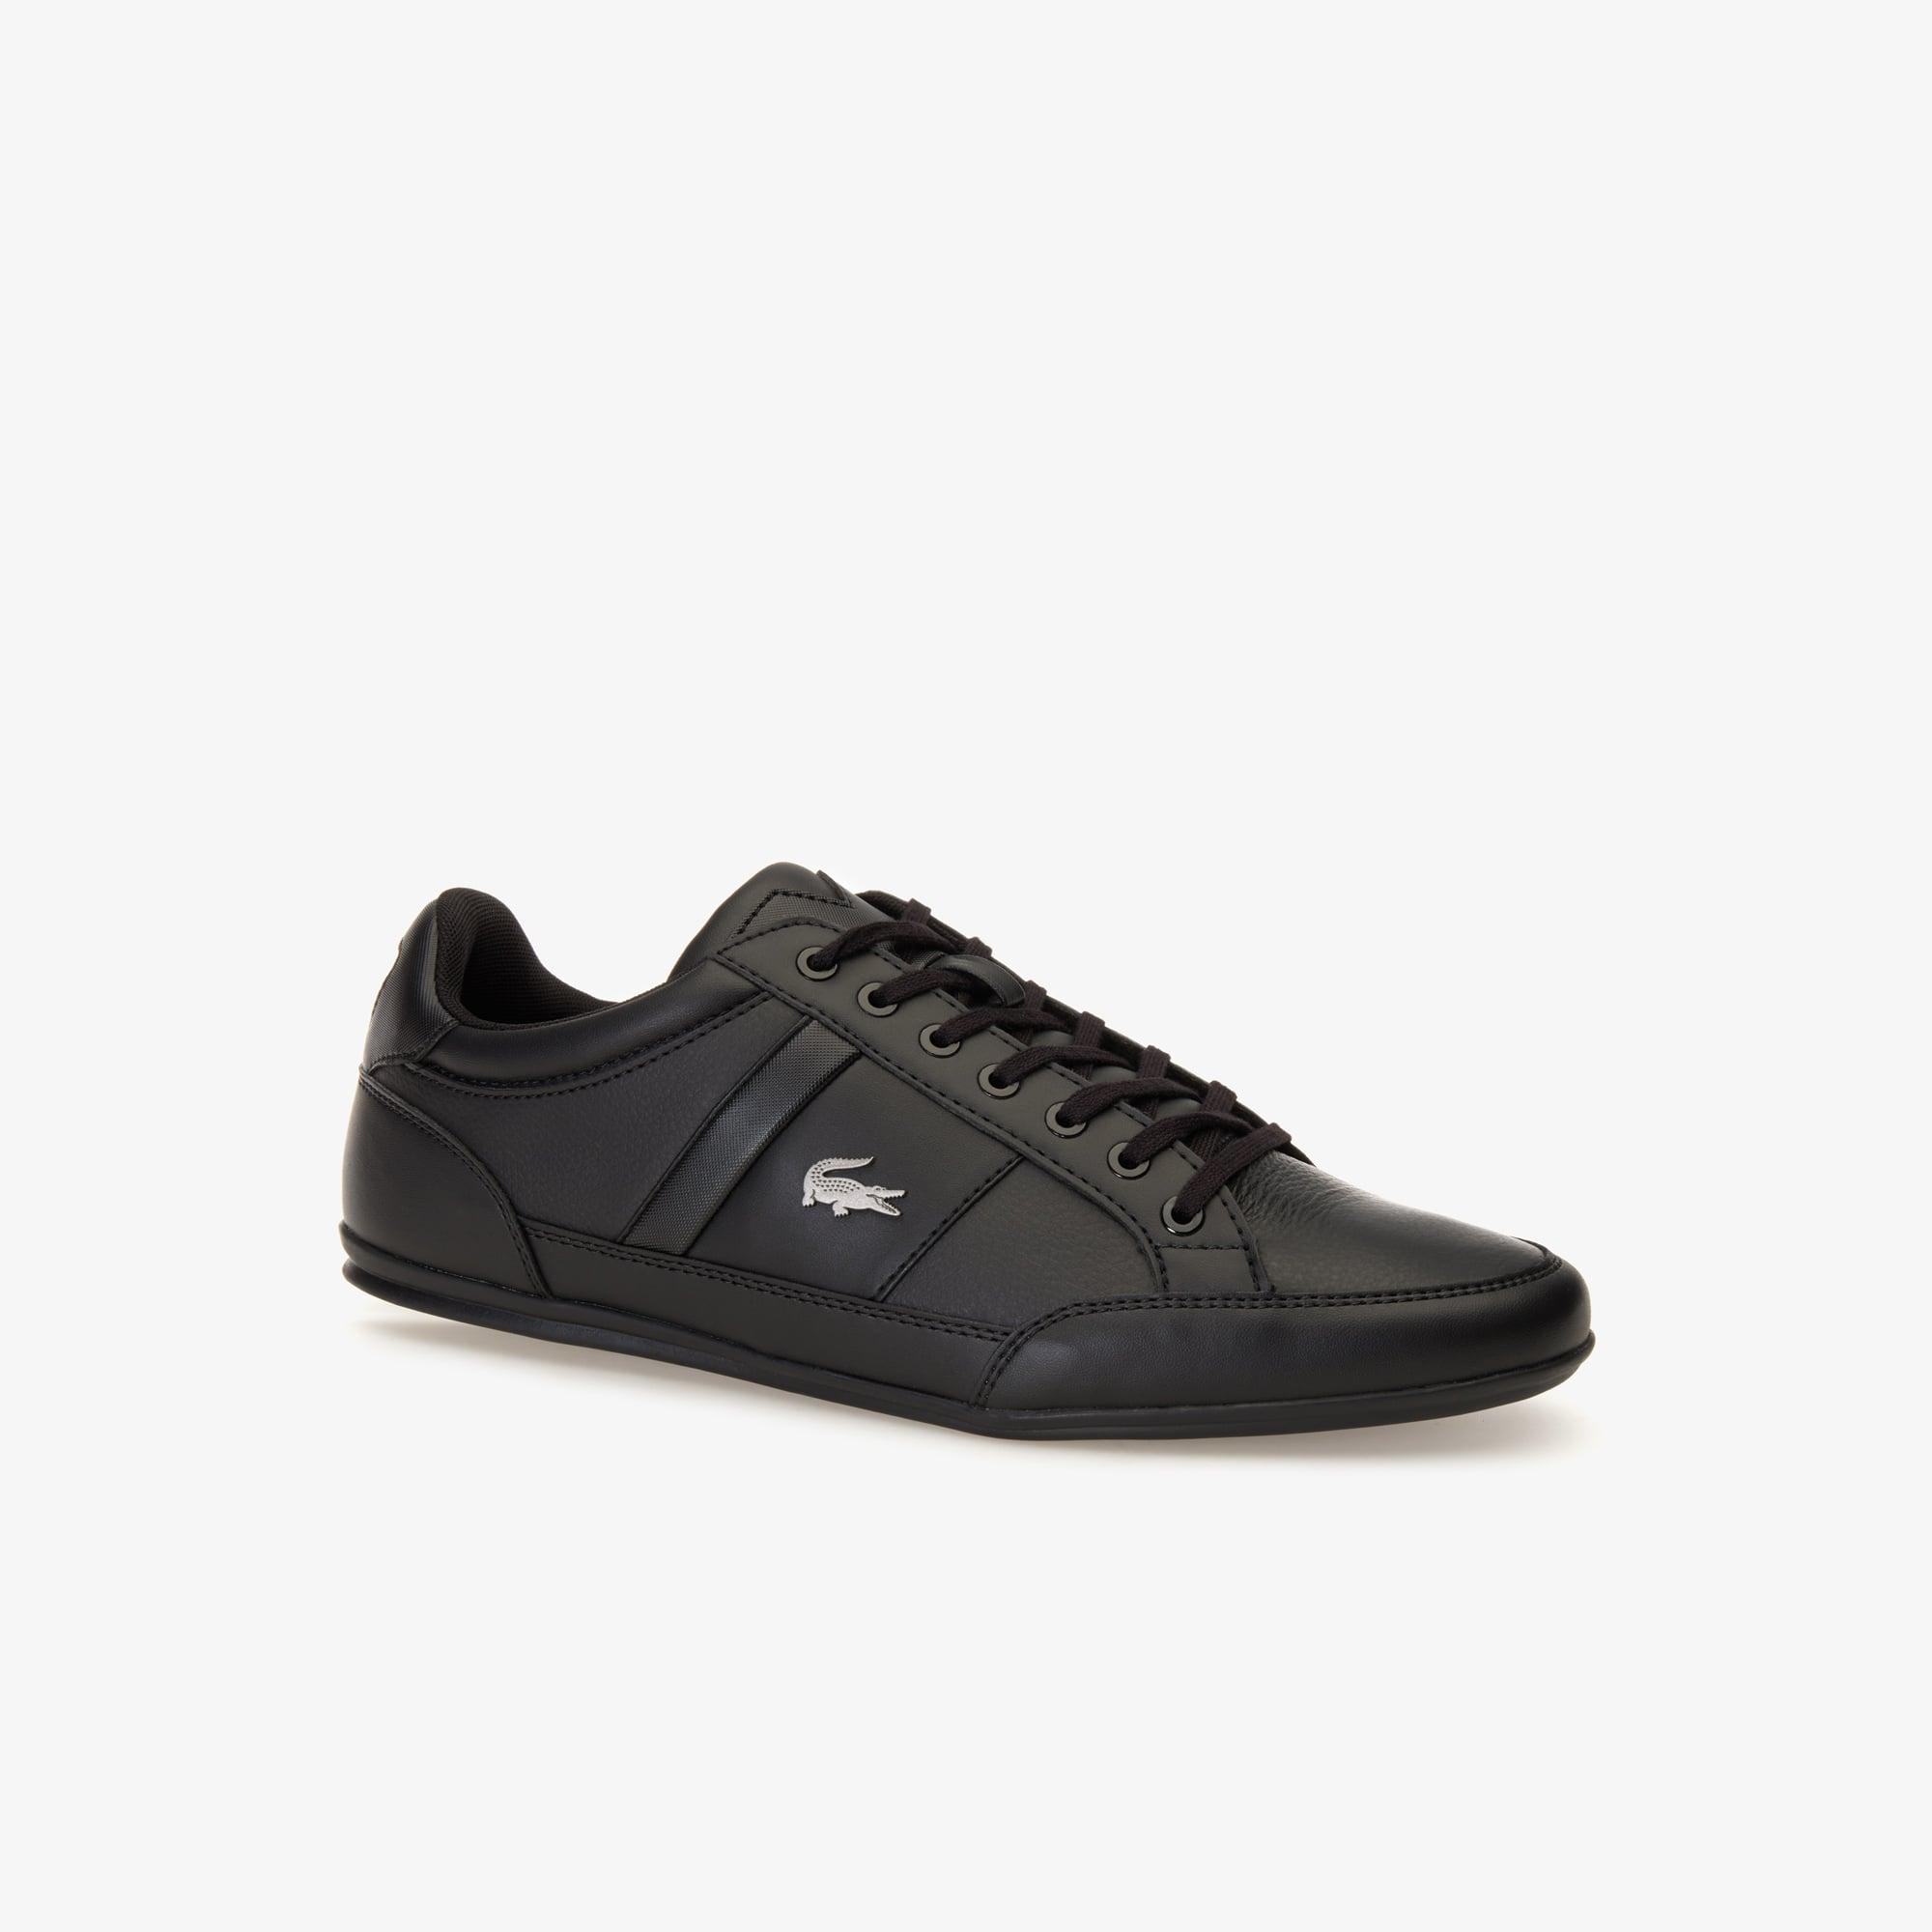 49cc2084f94 Men s Shoes